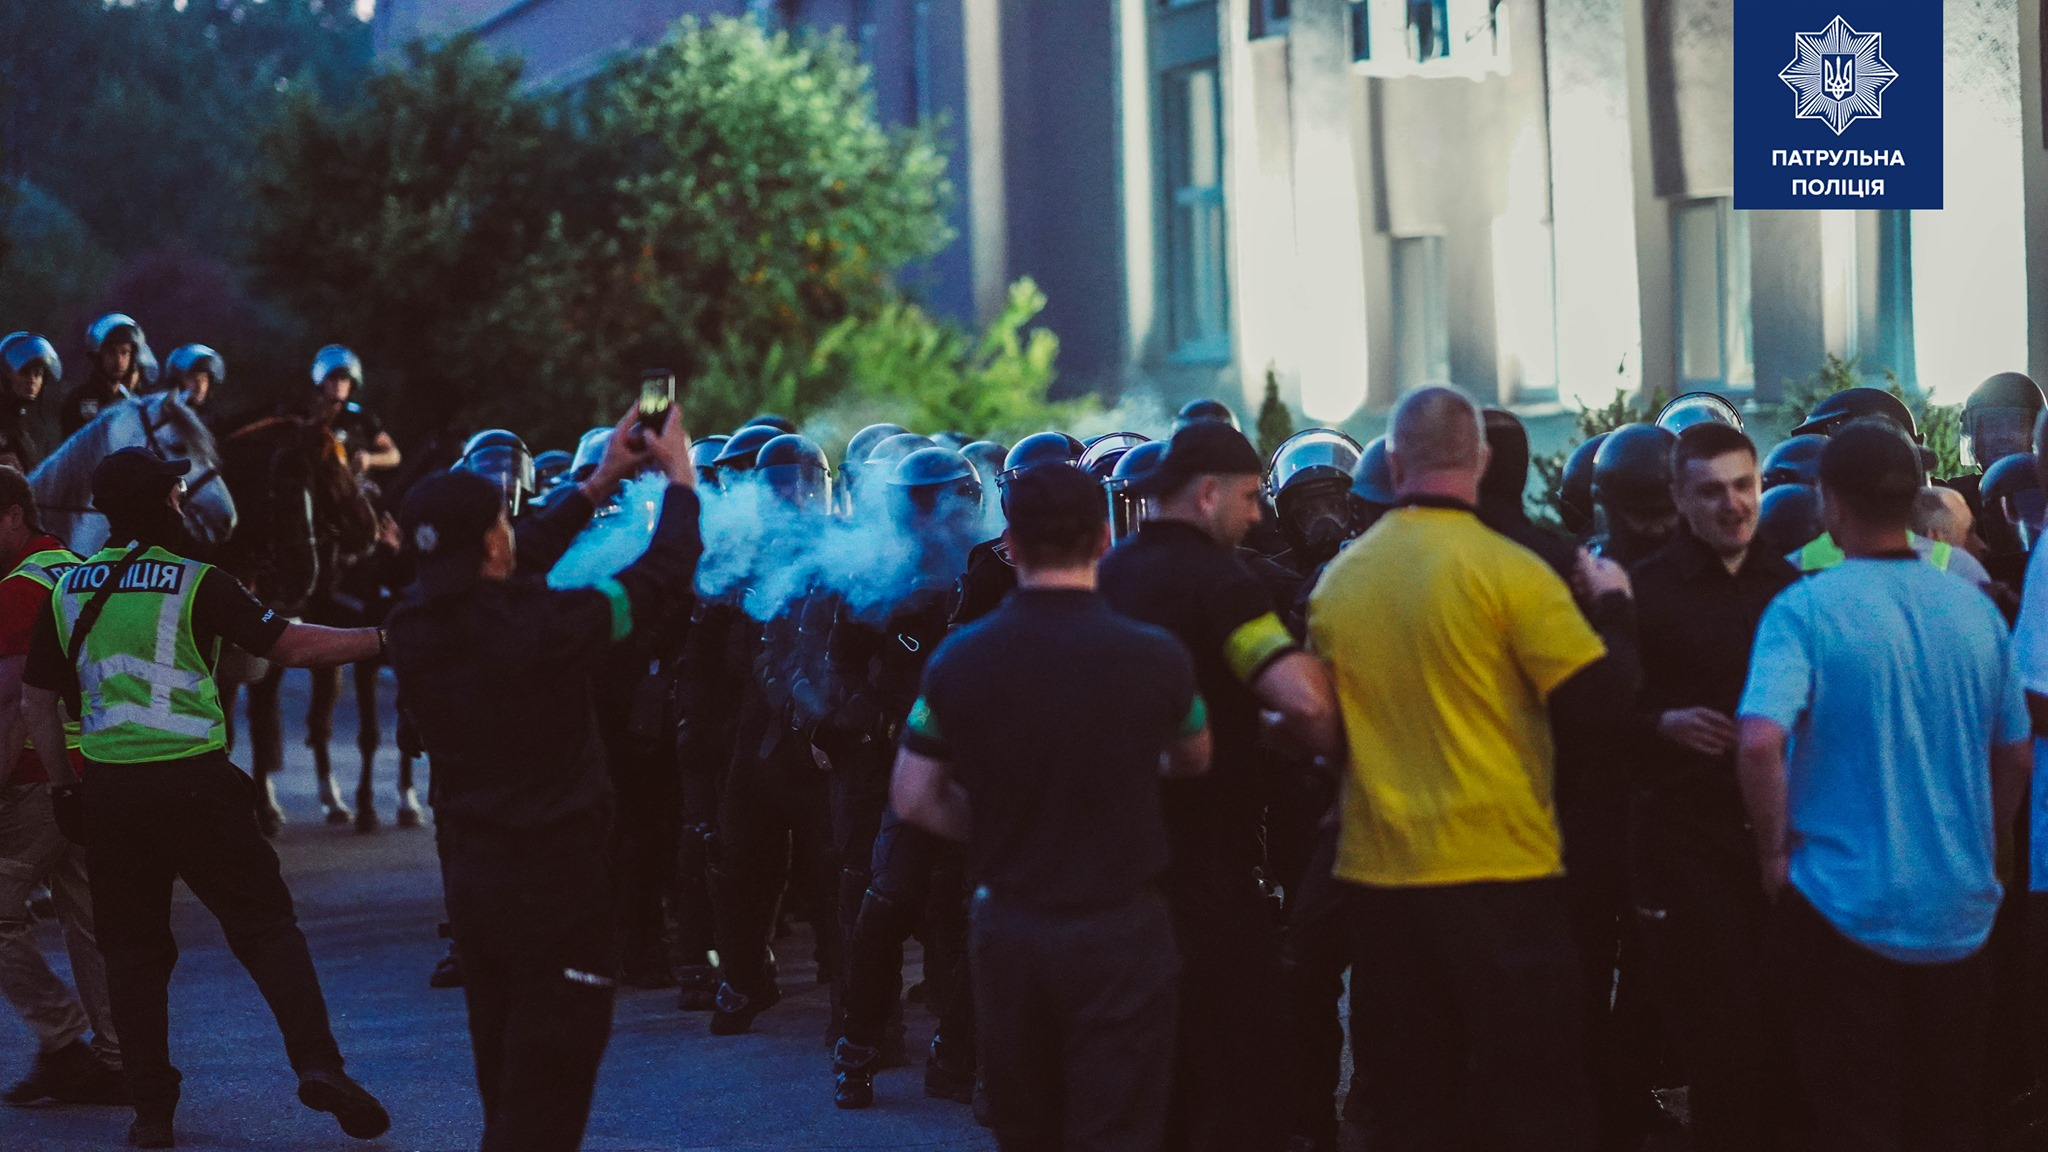 Как в Харькове прошли полицейские учения по противодействию массовым беспорядкам (видео)